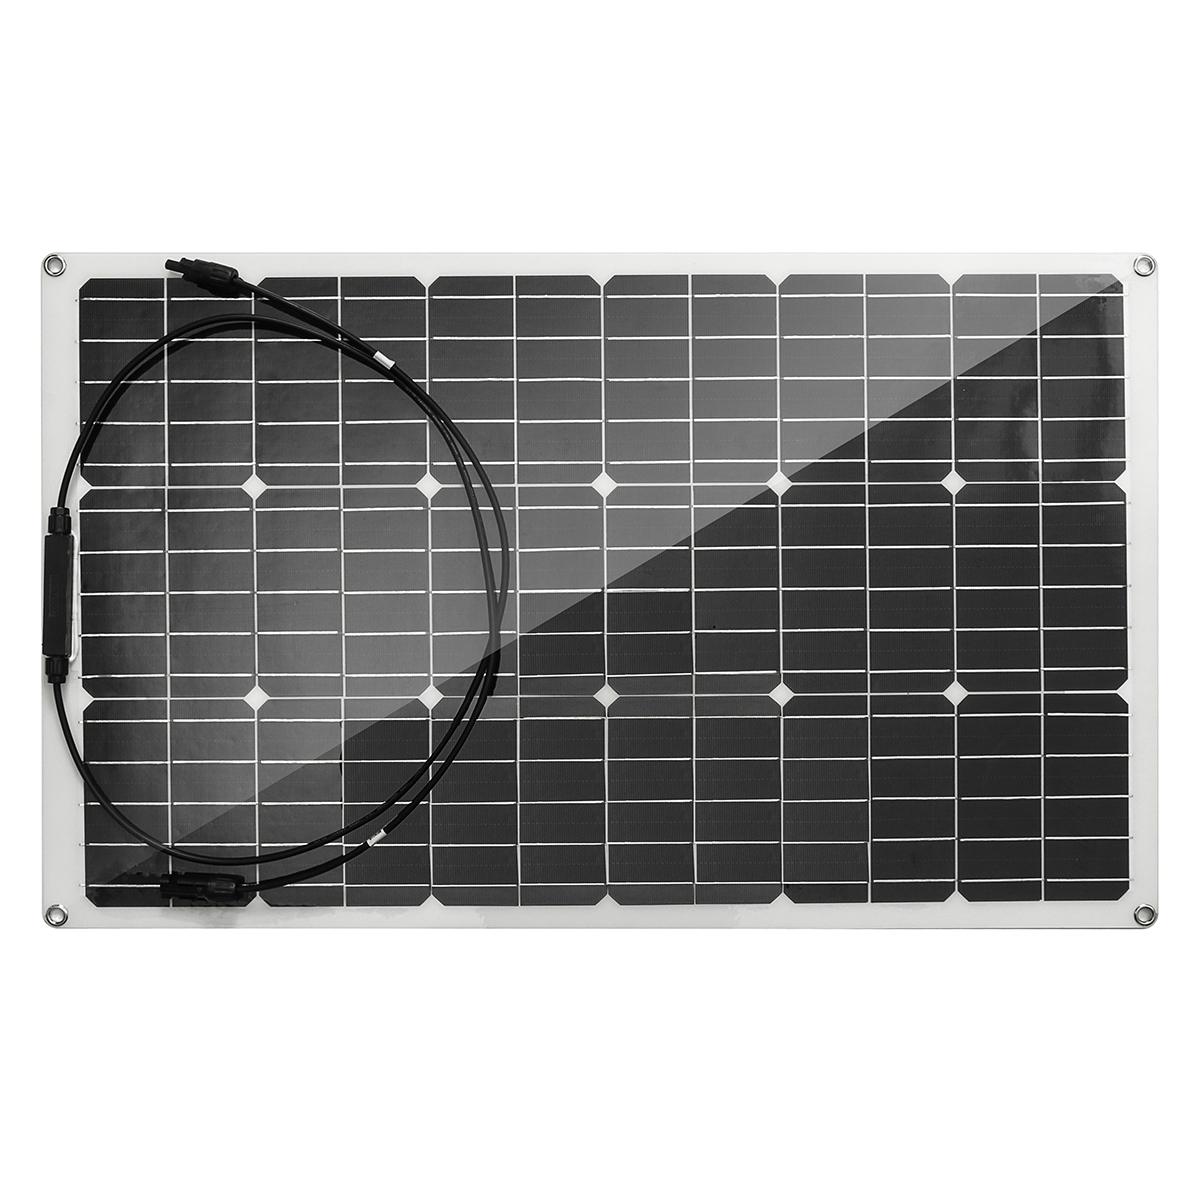 Fdit 100W 18V Solarpanel Flexible monokristalline Zelle Hochleistungs-Solarpanel der neuen Generation f/ür Wohnmobil-Bootskabinenzelt-LKW-Anh/änger